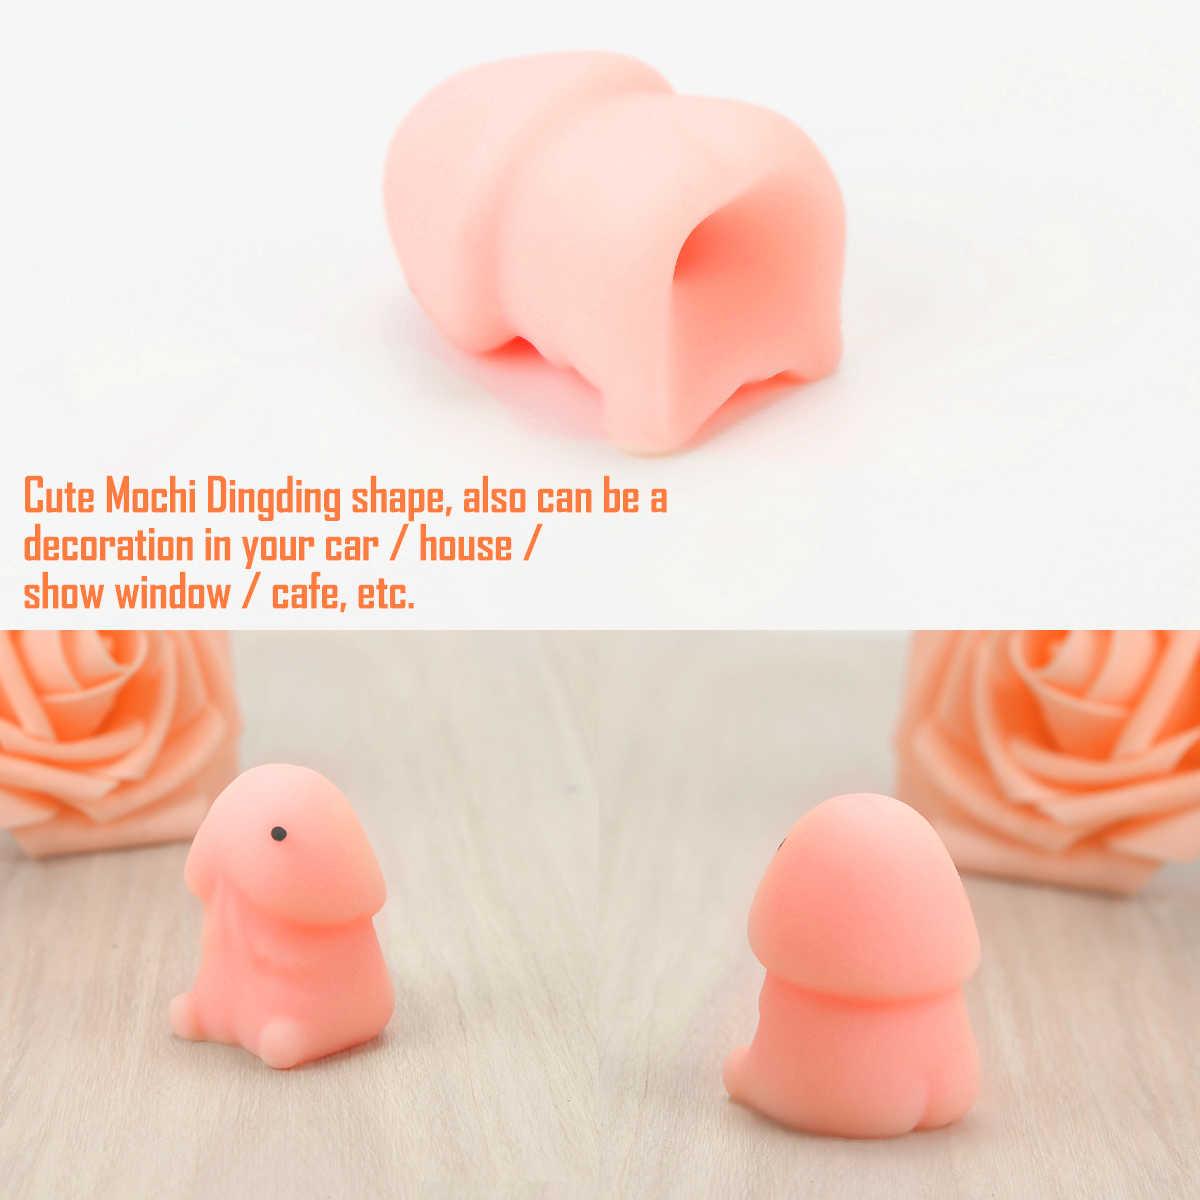 רטוב צעצוע חמוד Antistress כדור לסחוט מוצ 'י עולה צעצוע לפרקן רך דביק Squishi צעצועי הפגת מתחים מצחיק מתנה